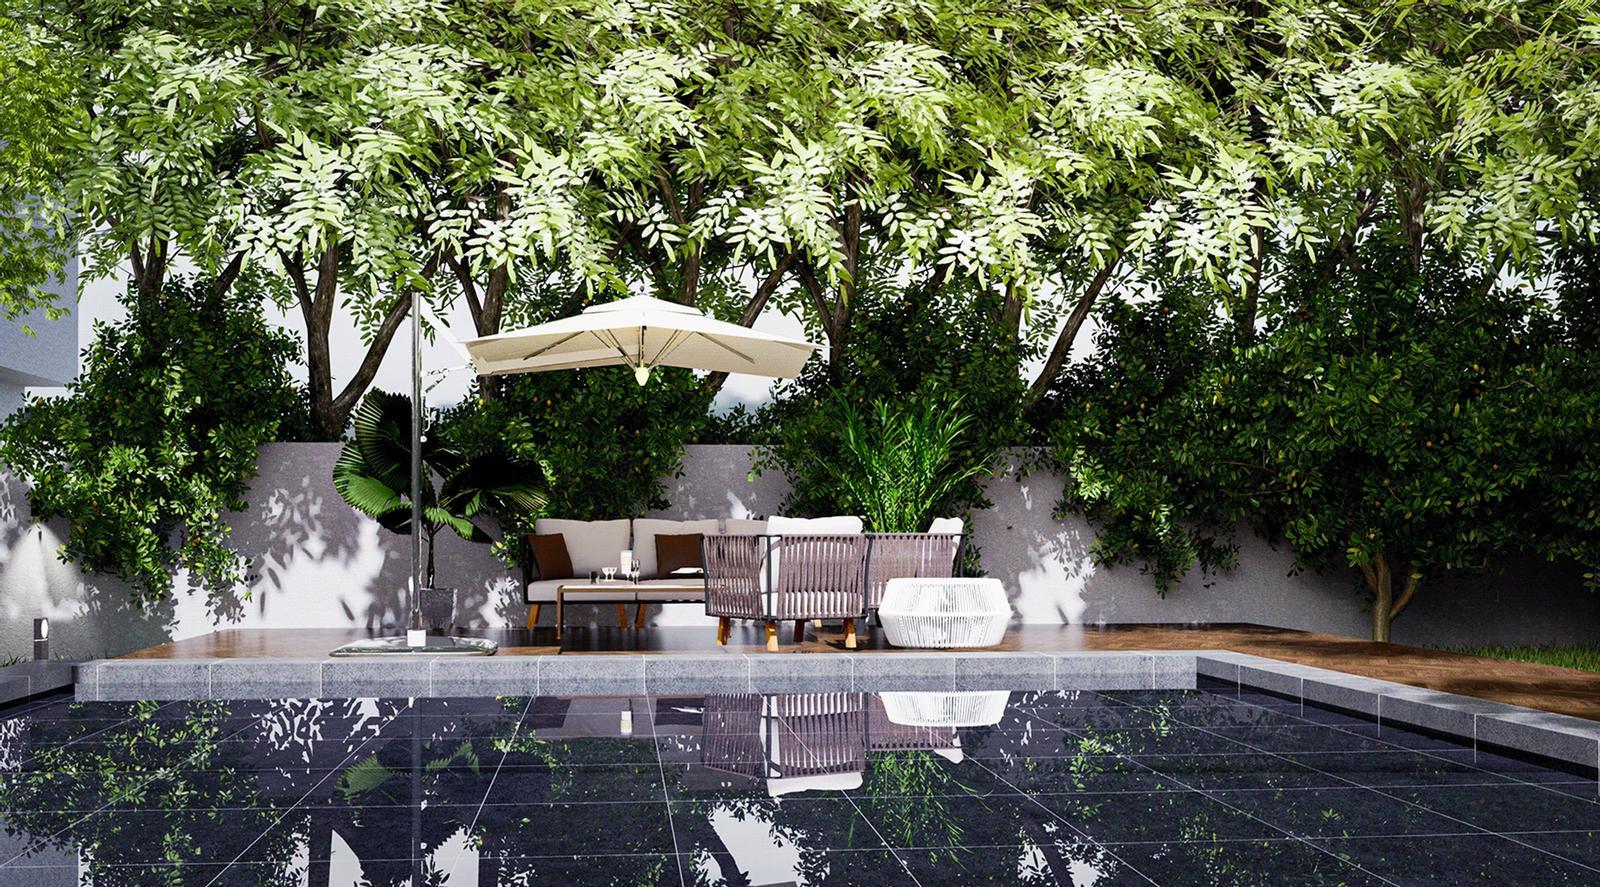 Modern Villa - Backyard Exterior 4 Modeling landscape and Visualization ( SketchUp + D5 Render )